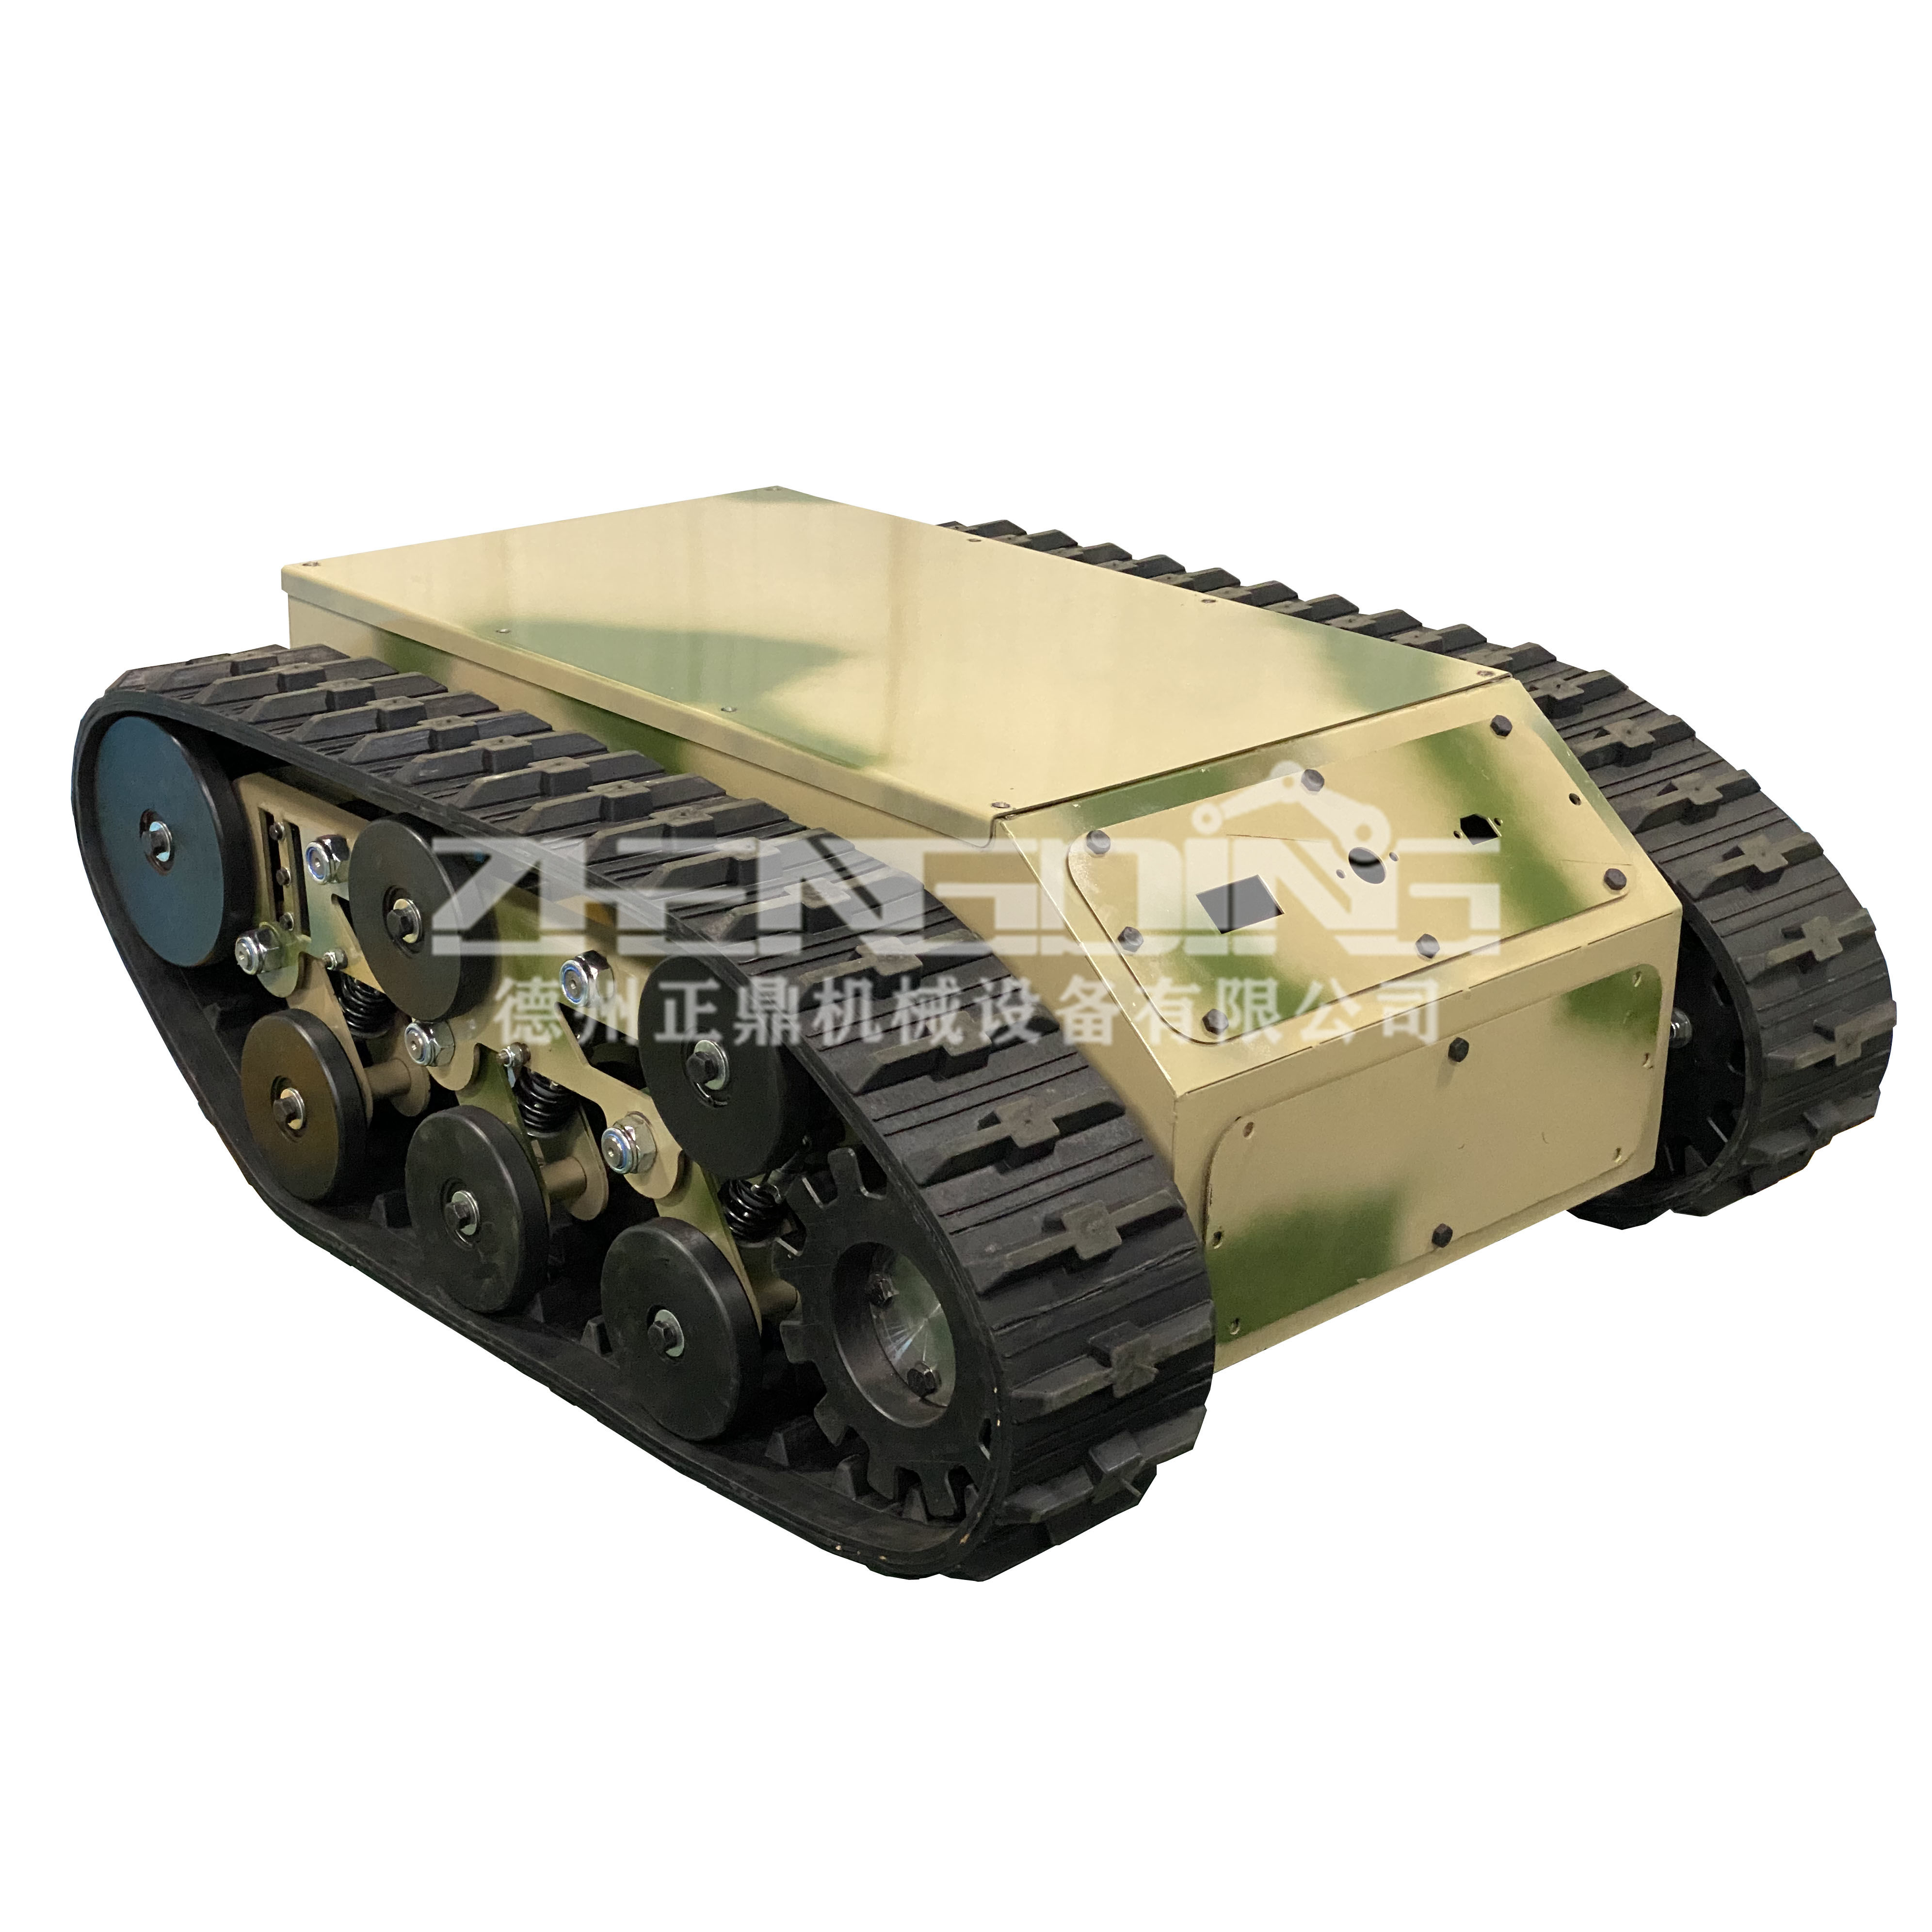 ZDDP - 150橡胶履带底盘